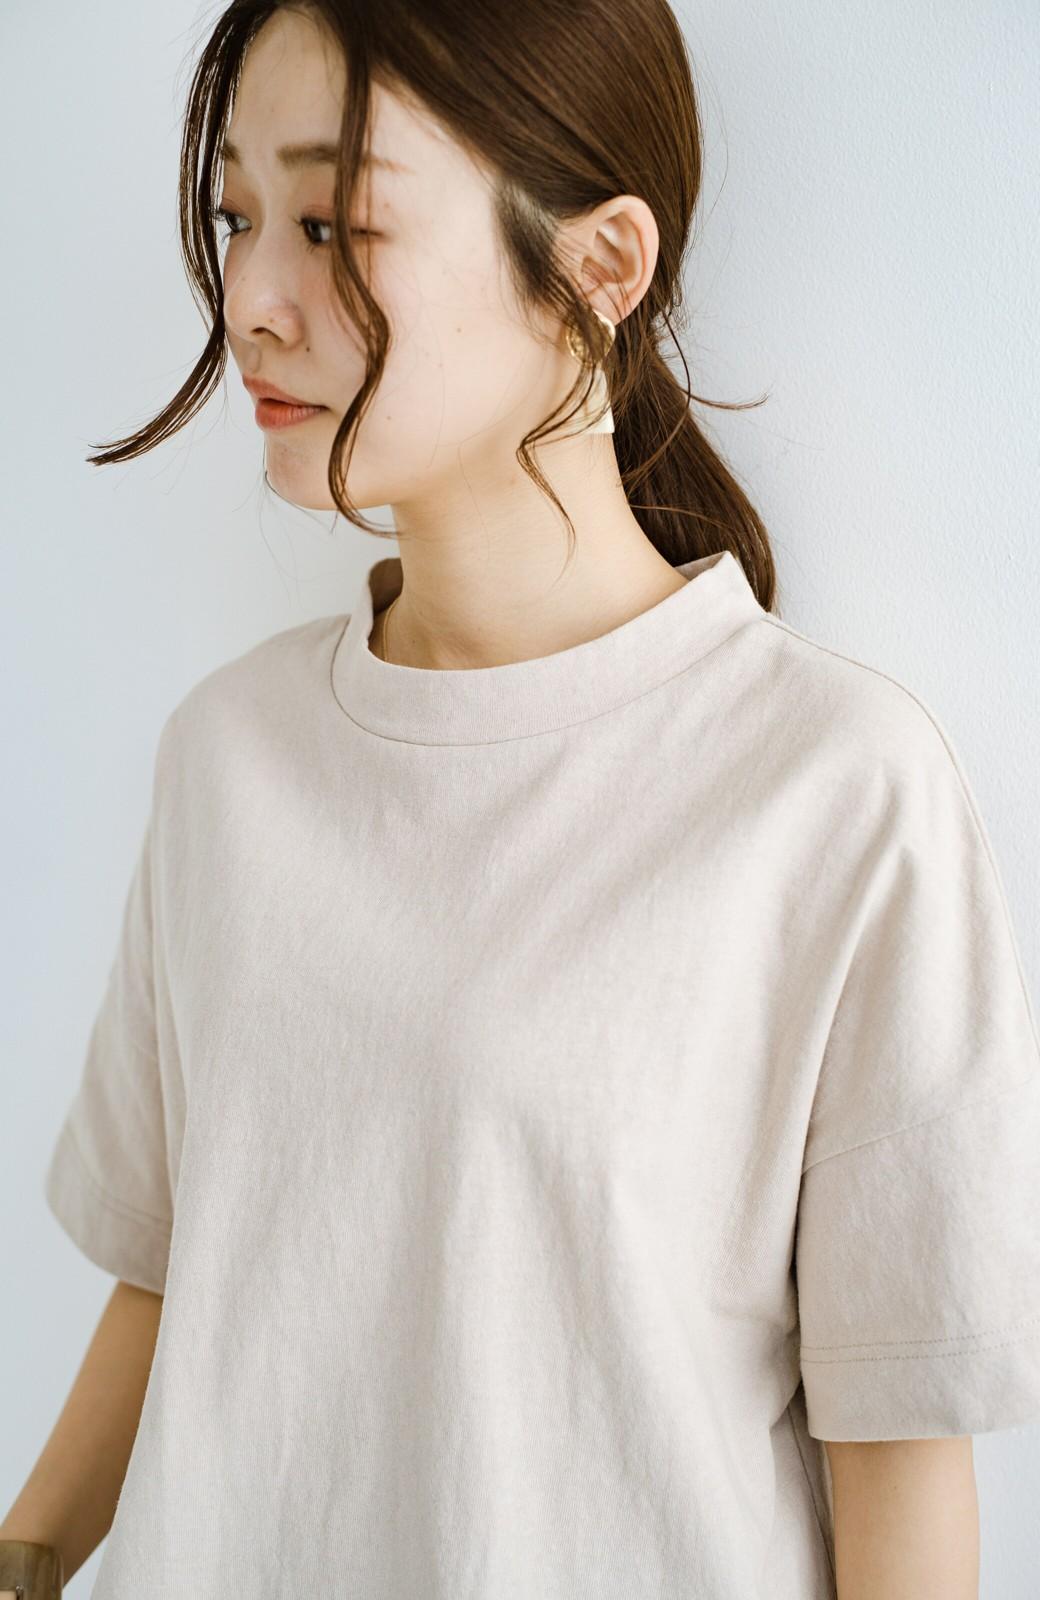 haco! じゃぶじゃぶ洗えて毎日づかいに便利!コーデに迷わず便利なモックネックTシャツ <ベージュ>の商品写真4